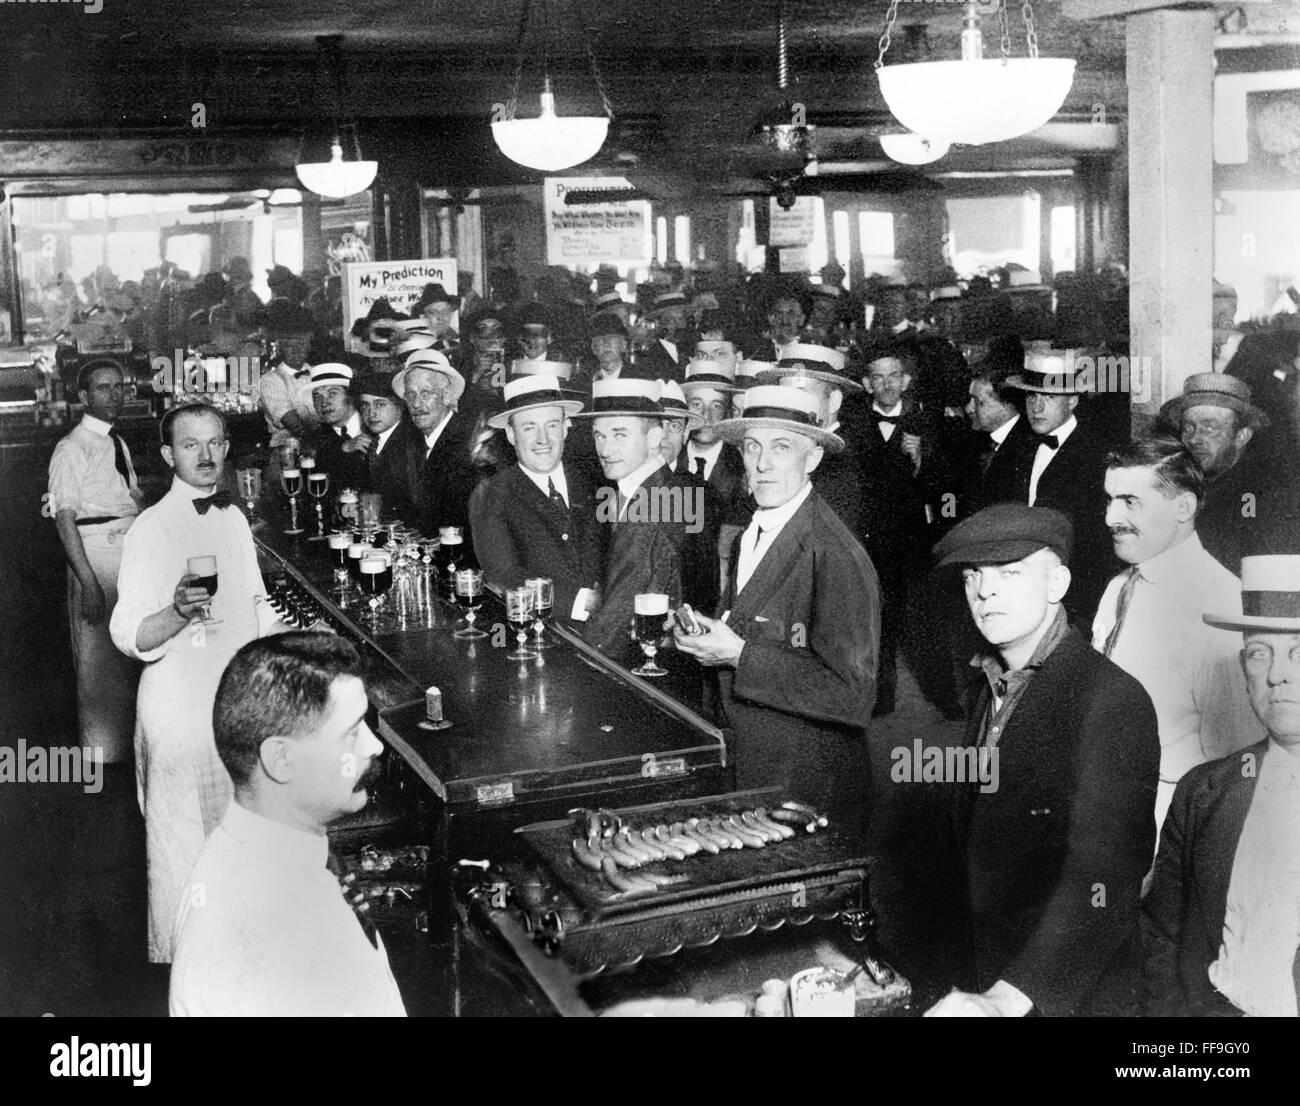 Verbot, USA. Innenansicht einer überfüllten bar kurz vor Mitternacht am 30. Juni 1919, als Verbot in Effekt, Stockbild